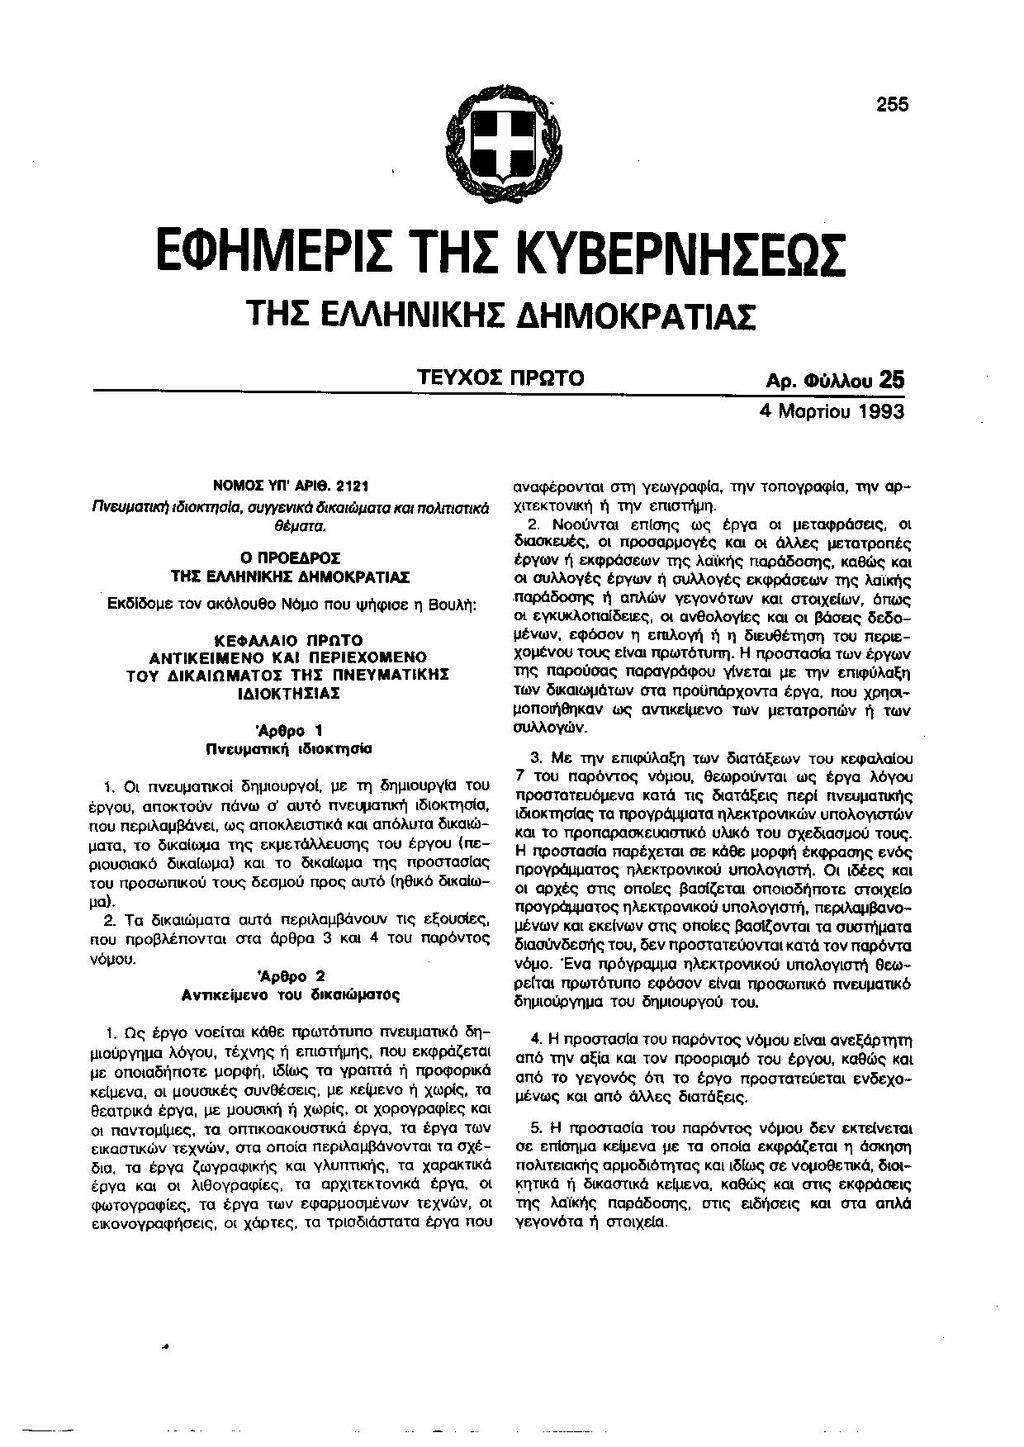 def91306bc Σελίδα ΦΕΚ Α 25 - 04.03.1993.pdf 1 - Βικιθήκη